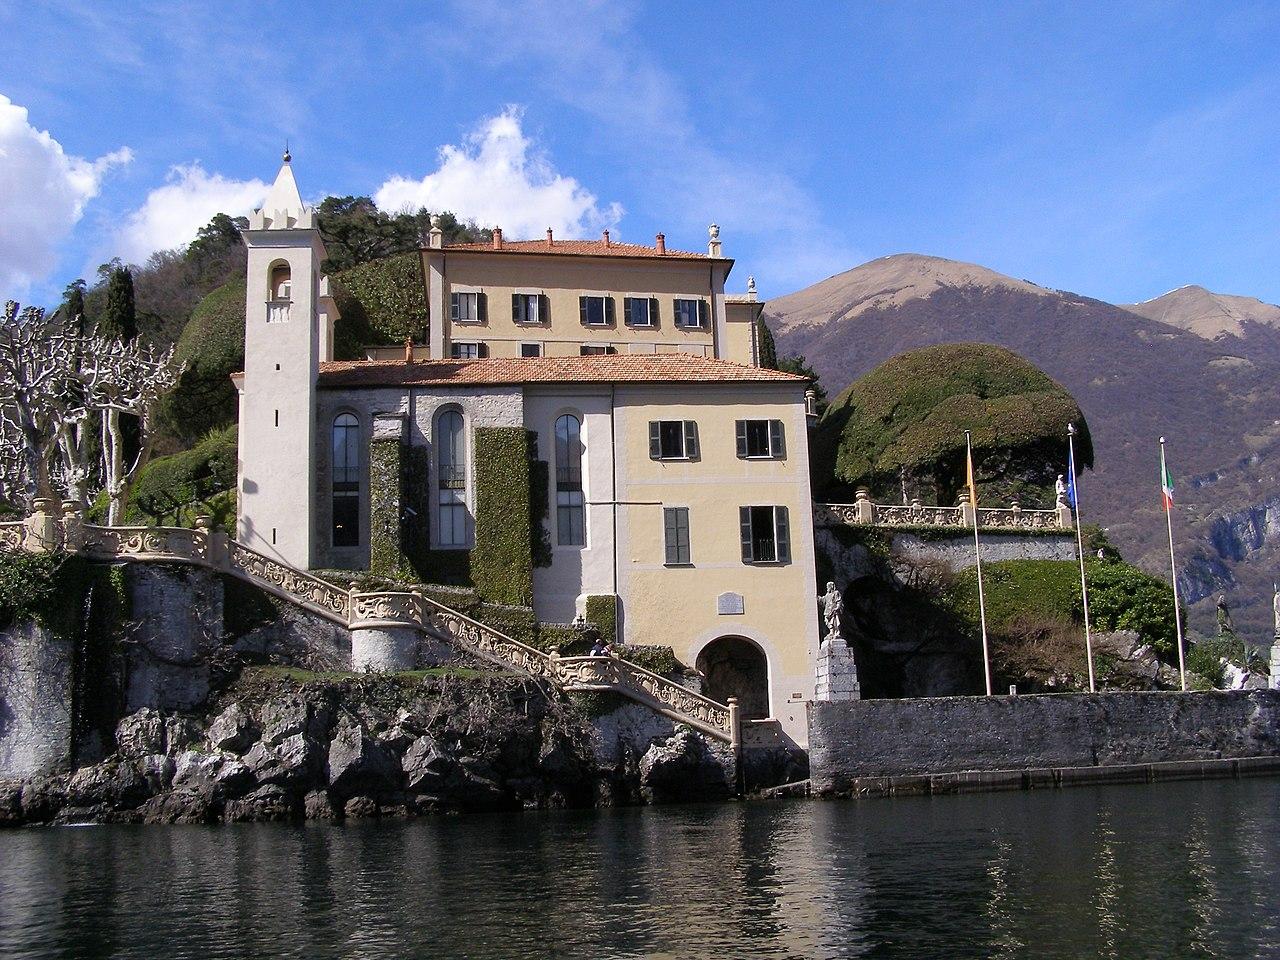 Lenno Villa Balbianello 12.jpg